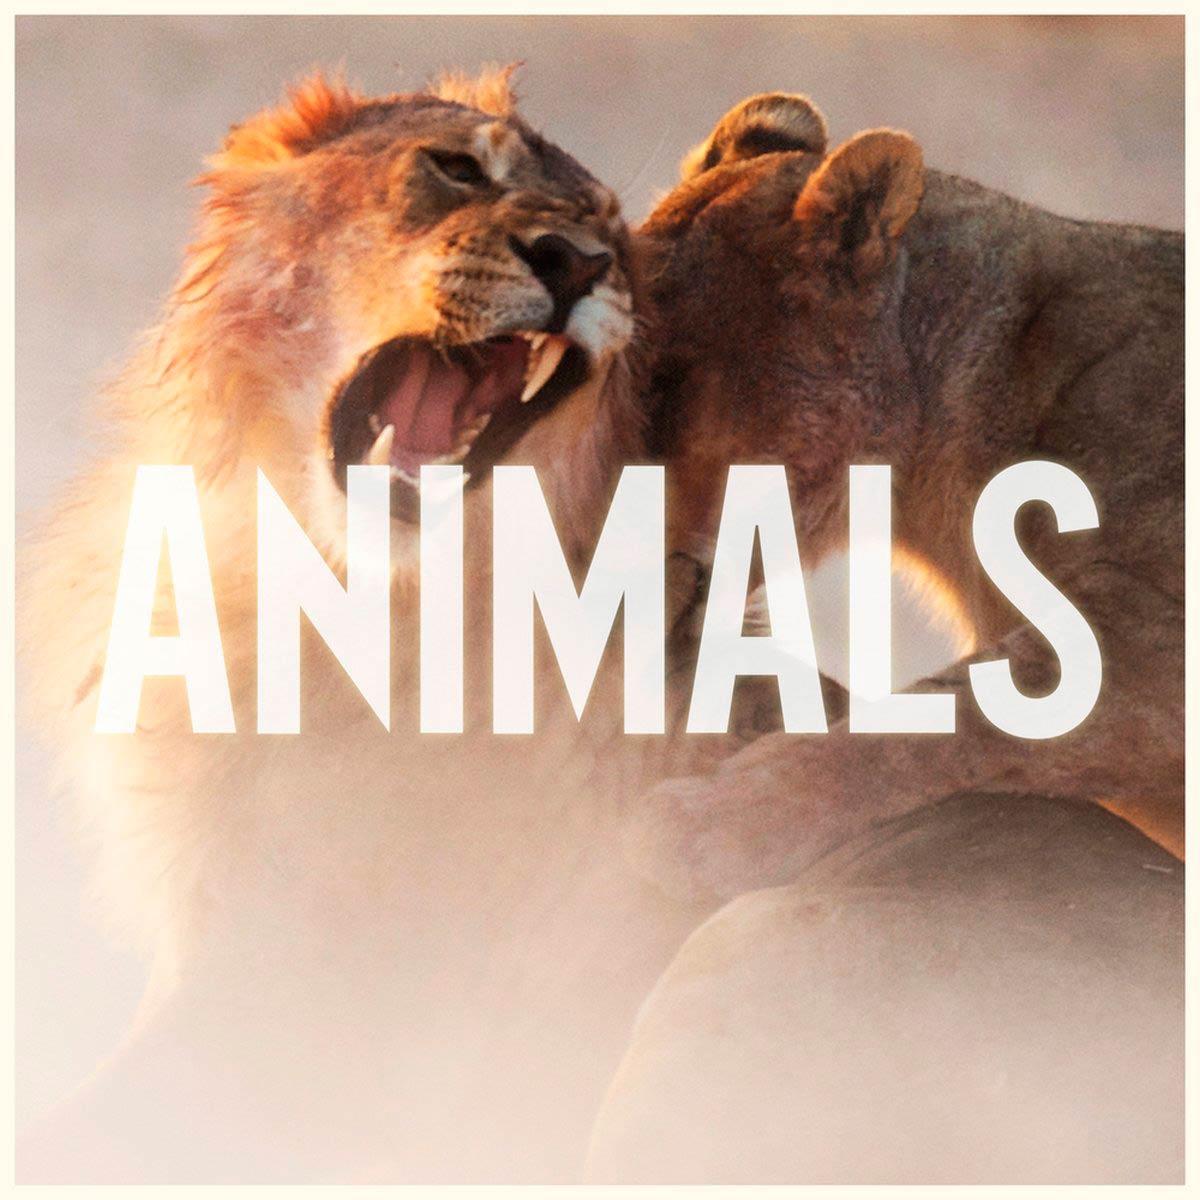 animals de maroon 5 portada 3 de 5 anterior siguienteMaroon 5 Animals Album Cover